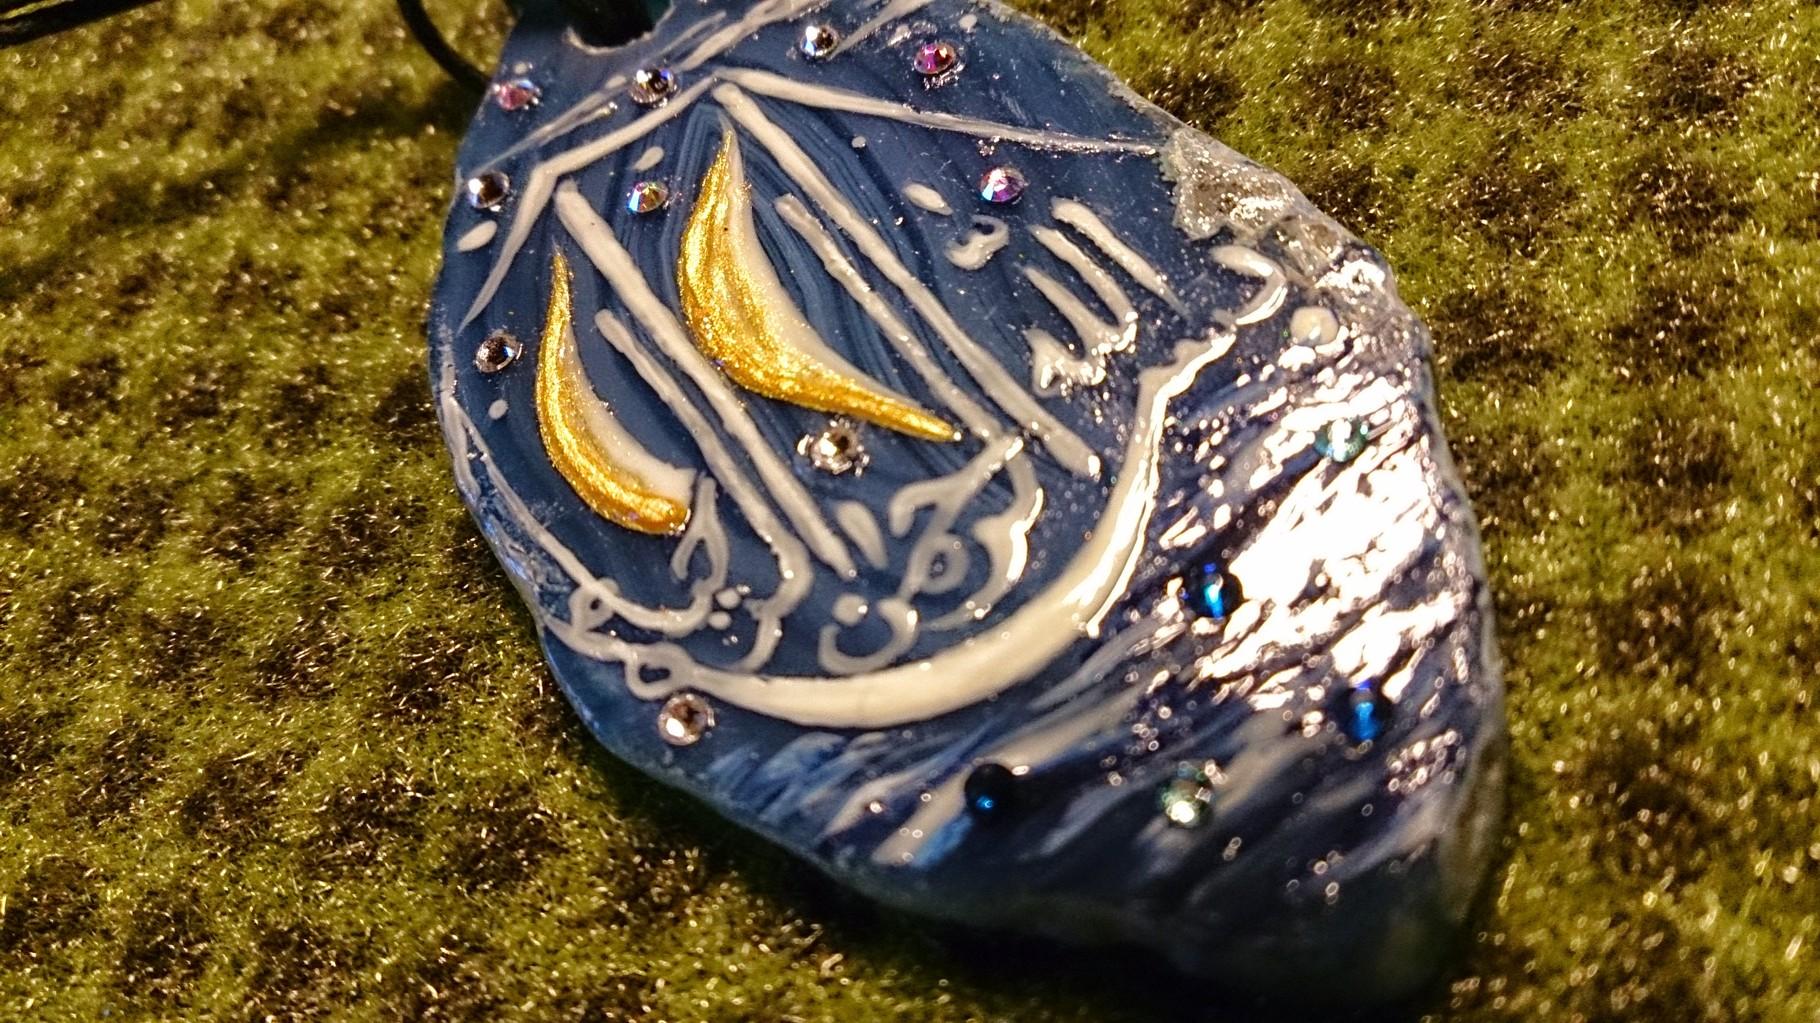 """~ Bild: Blauer Achatstein-Anhänger in Schiffsform mit arabischer Kalligrafie """"Bismillahirrahmanirraheem"""" (Im Namen Gottes, des Allerbarmers, des Barmherzigen) ~"""